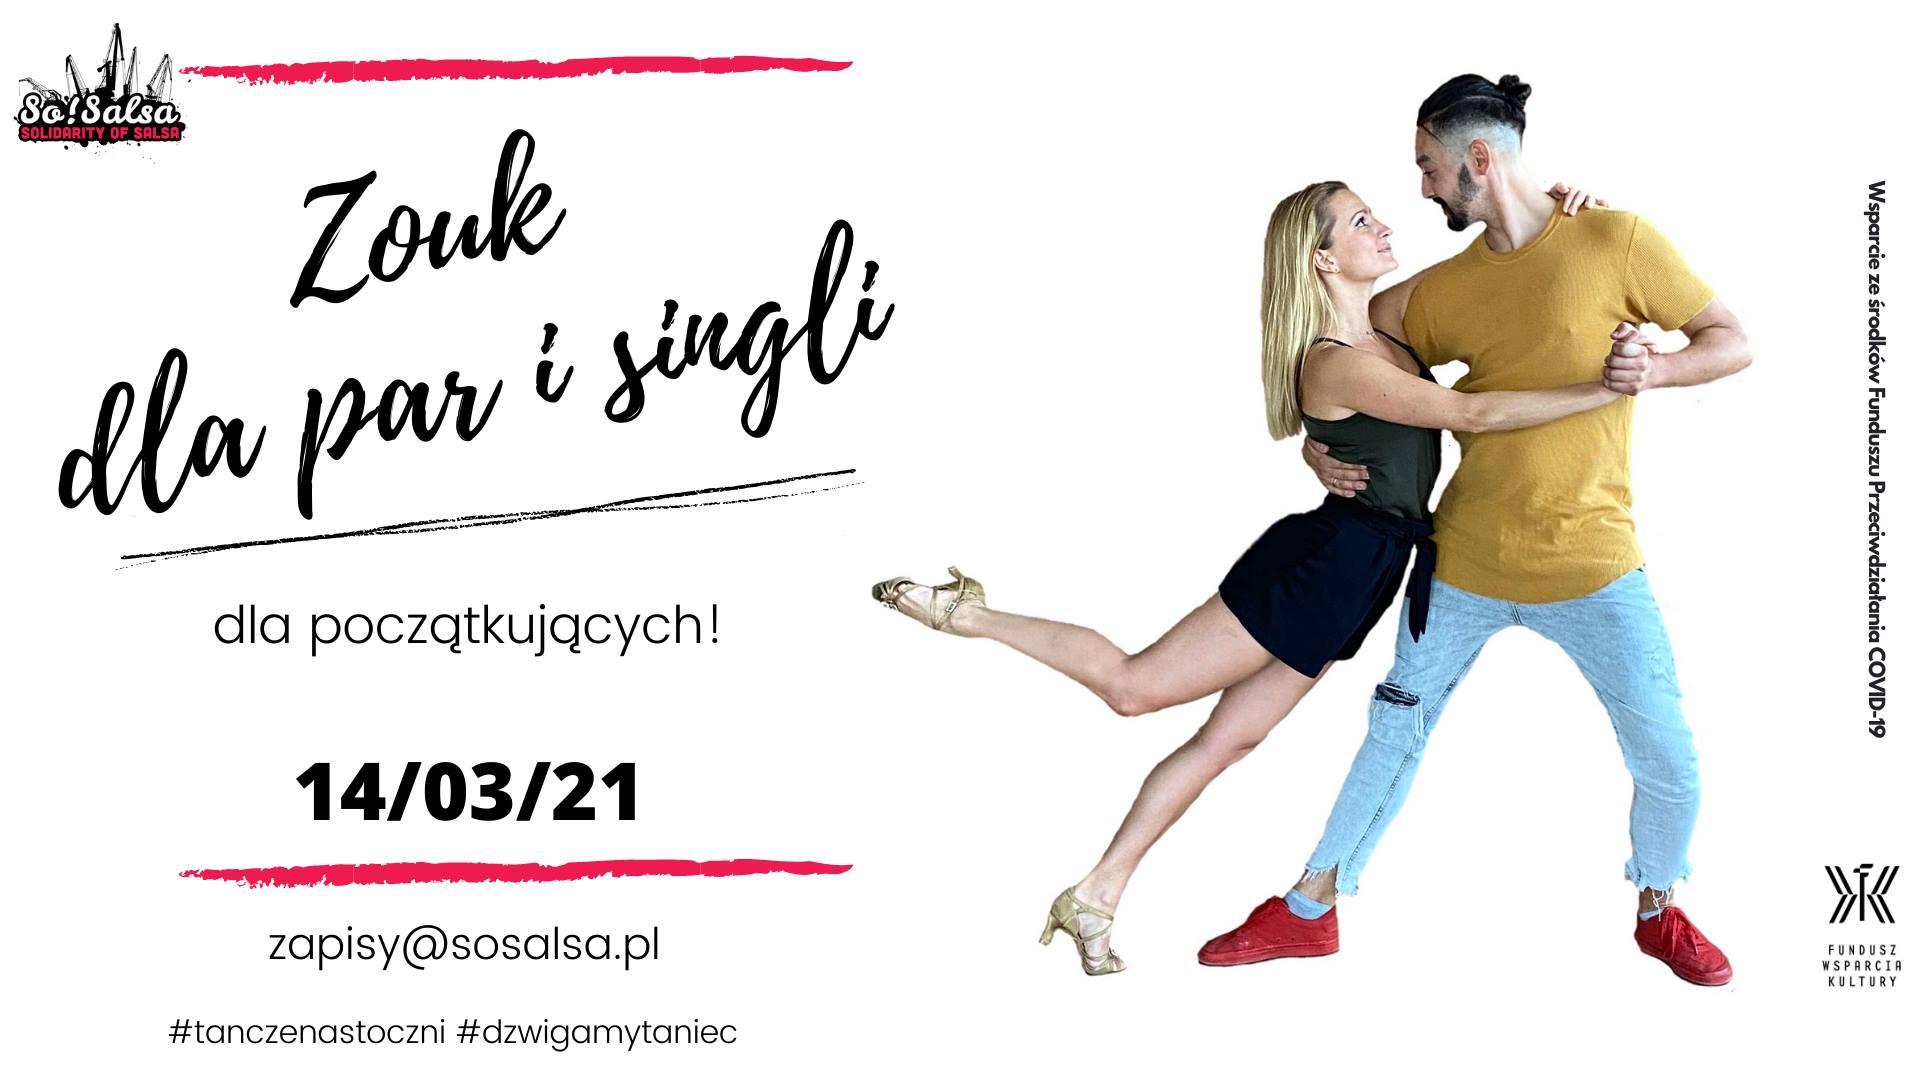 Zouk dla par&singli - kurs tańca dla początkujących 14/03/21